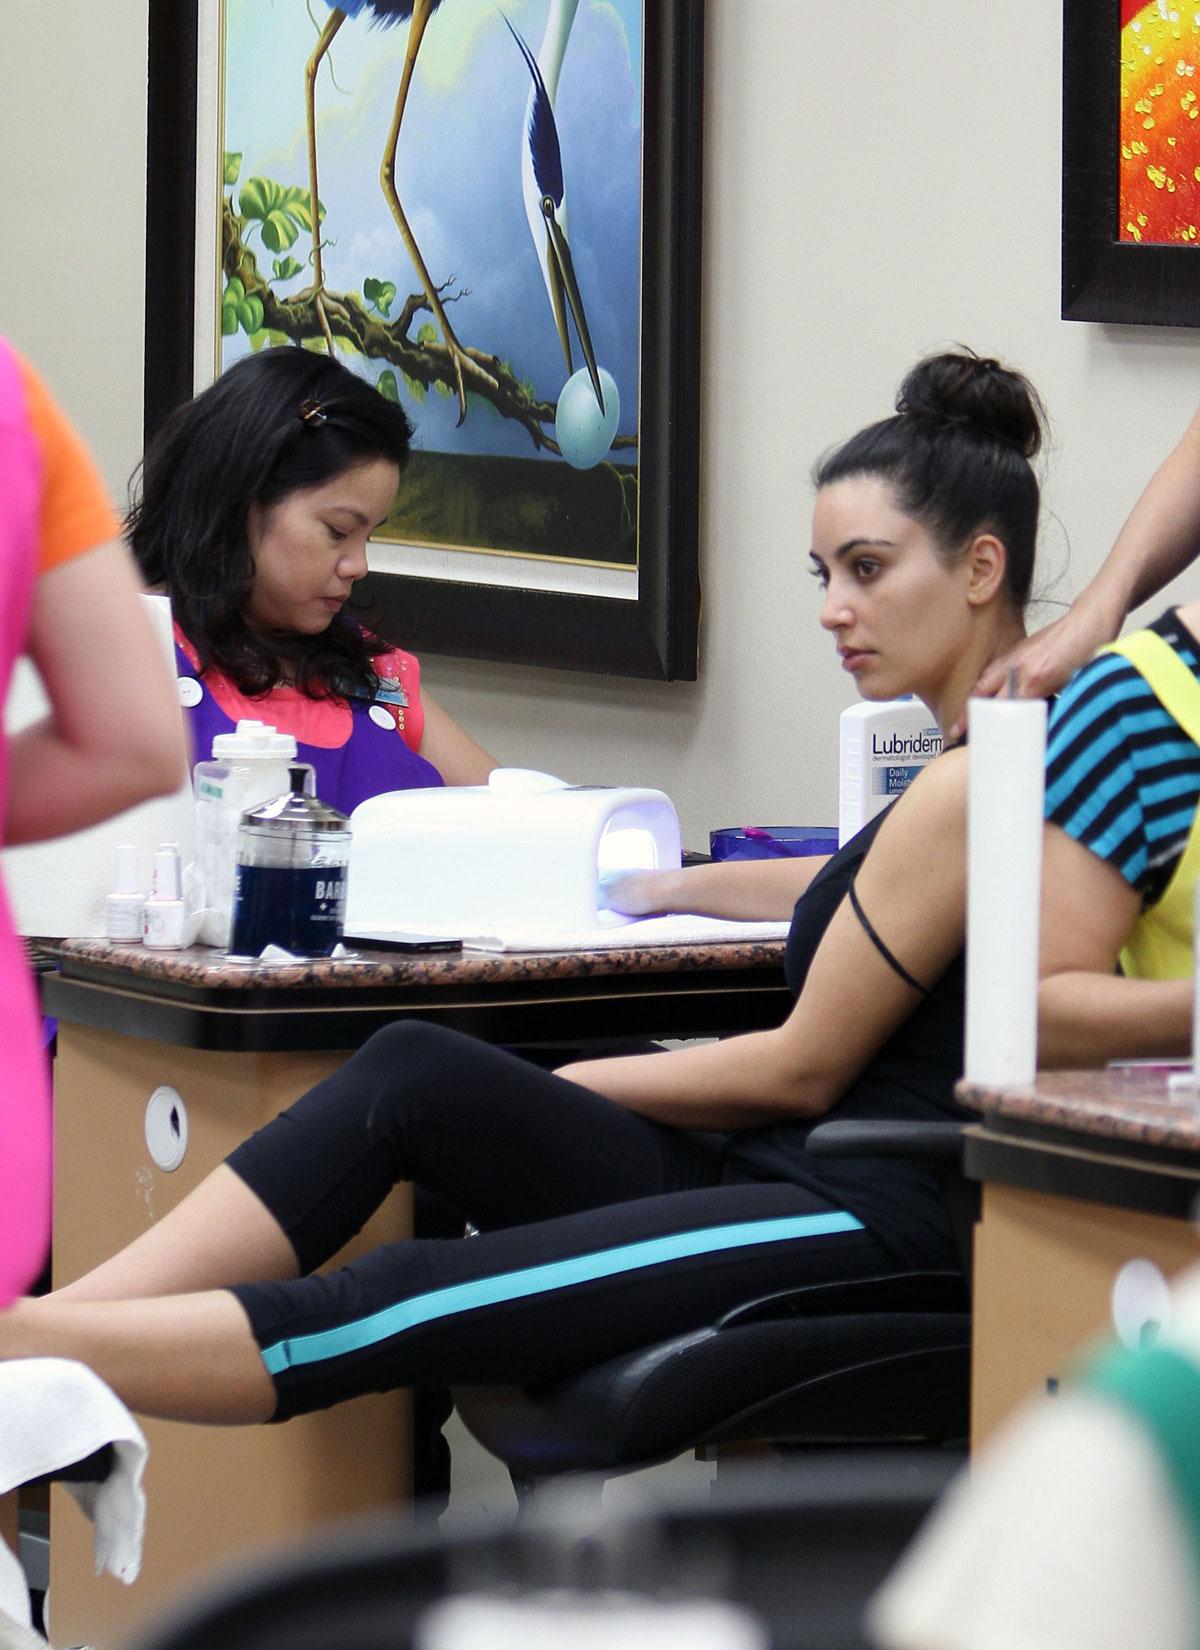 Kim Kardashian Without Makeup At Nail Salon In Beverly